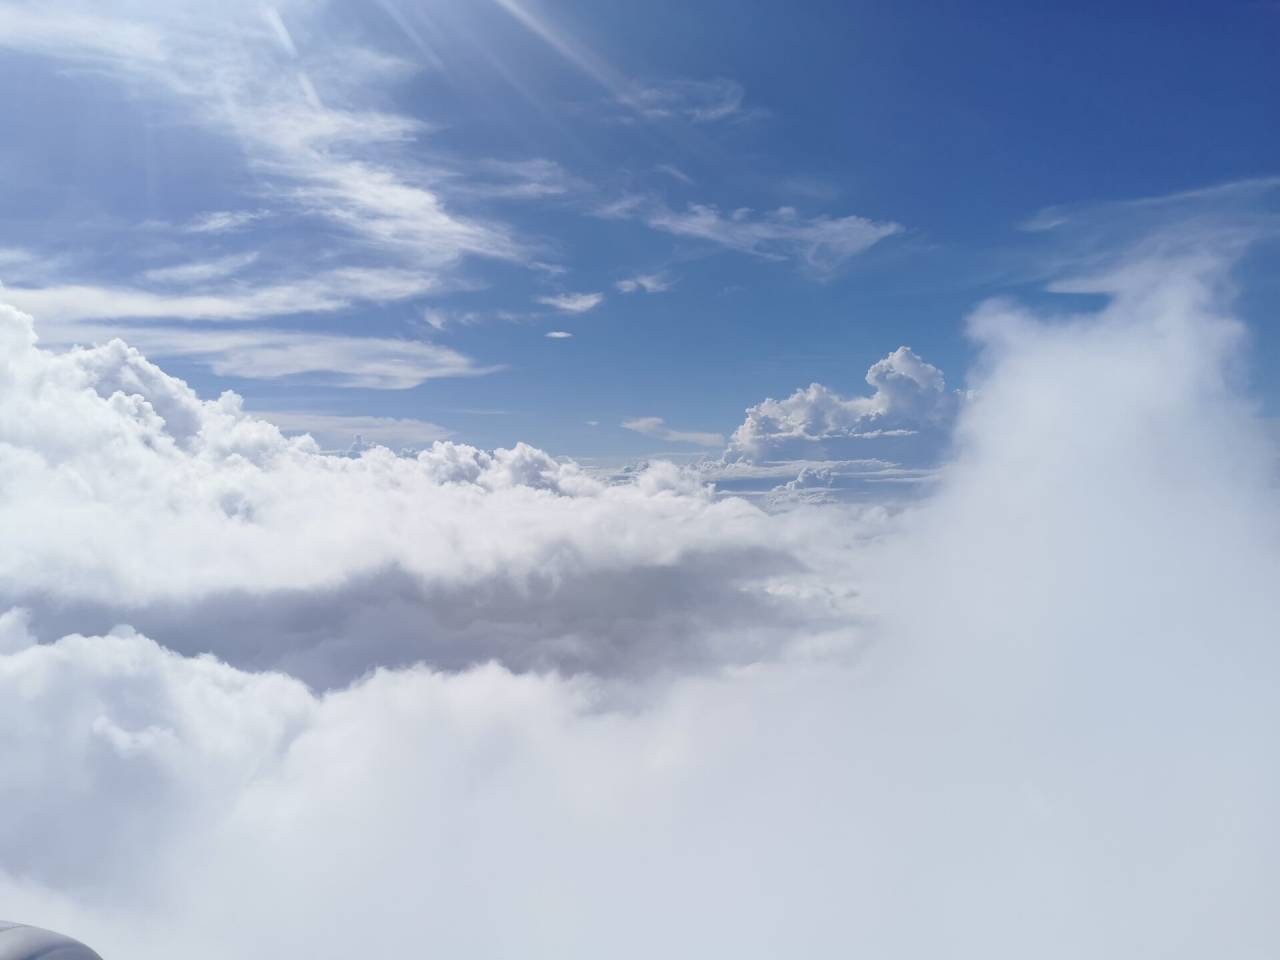 白云深处有人行04.jpg